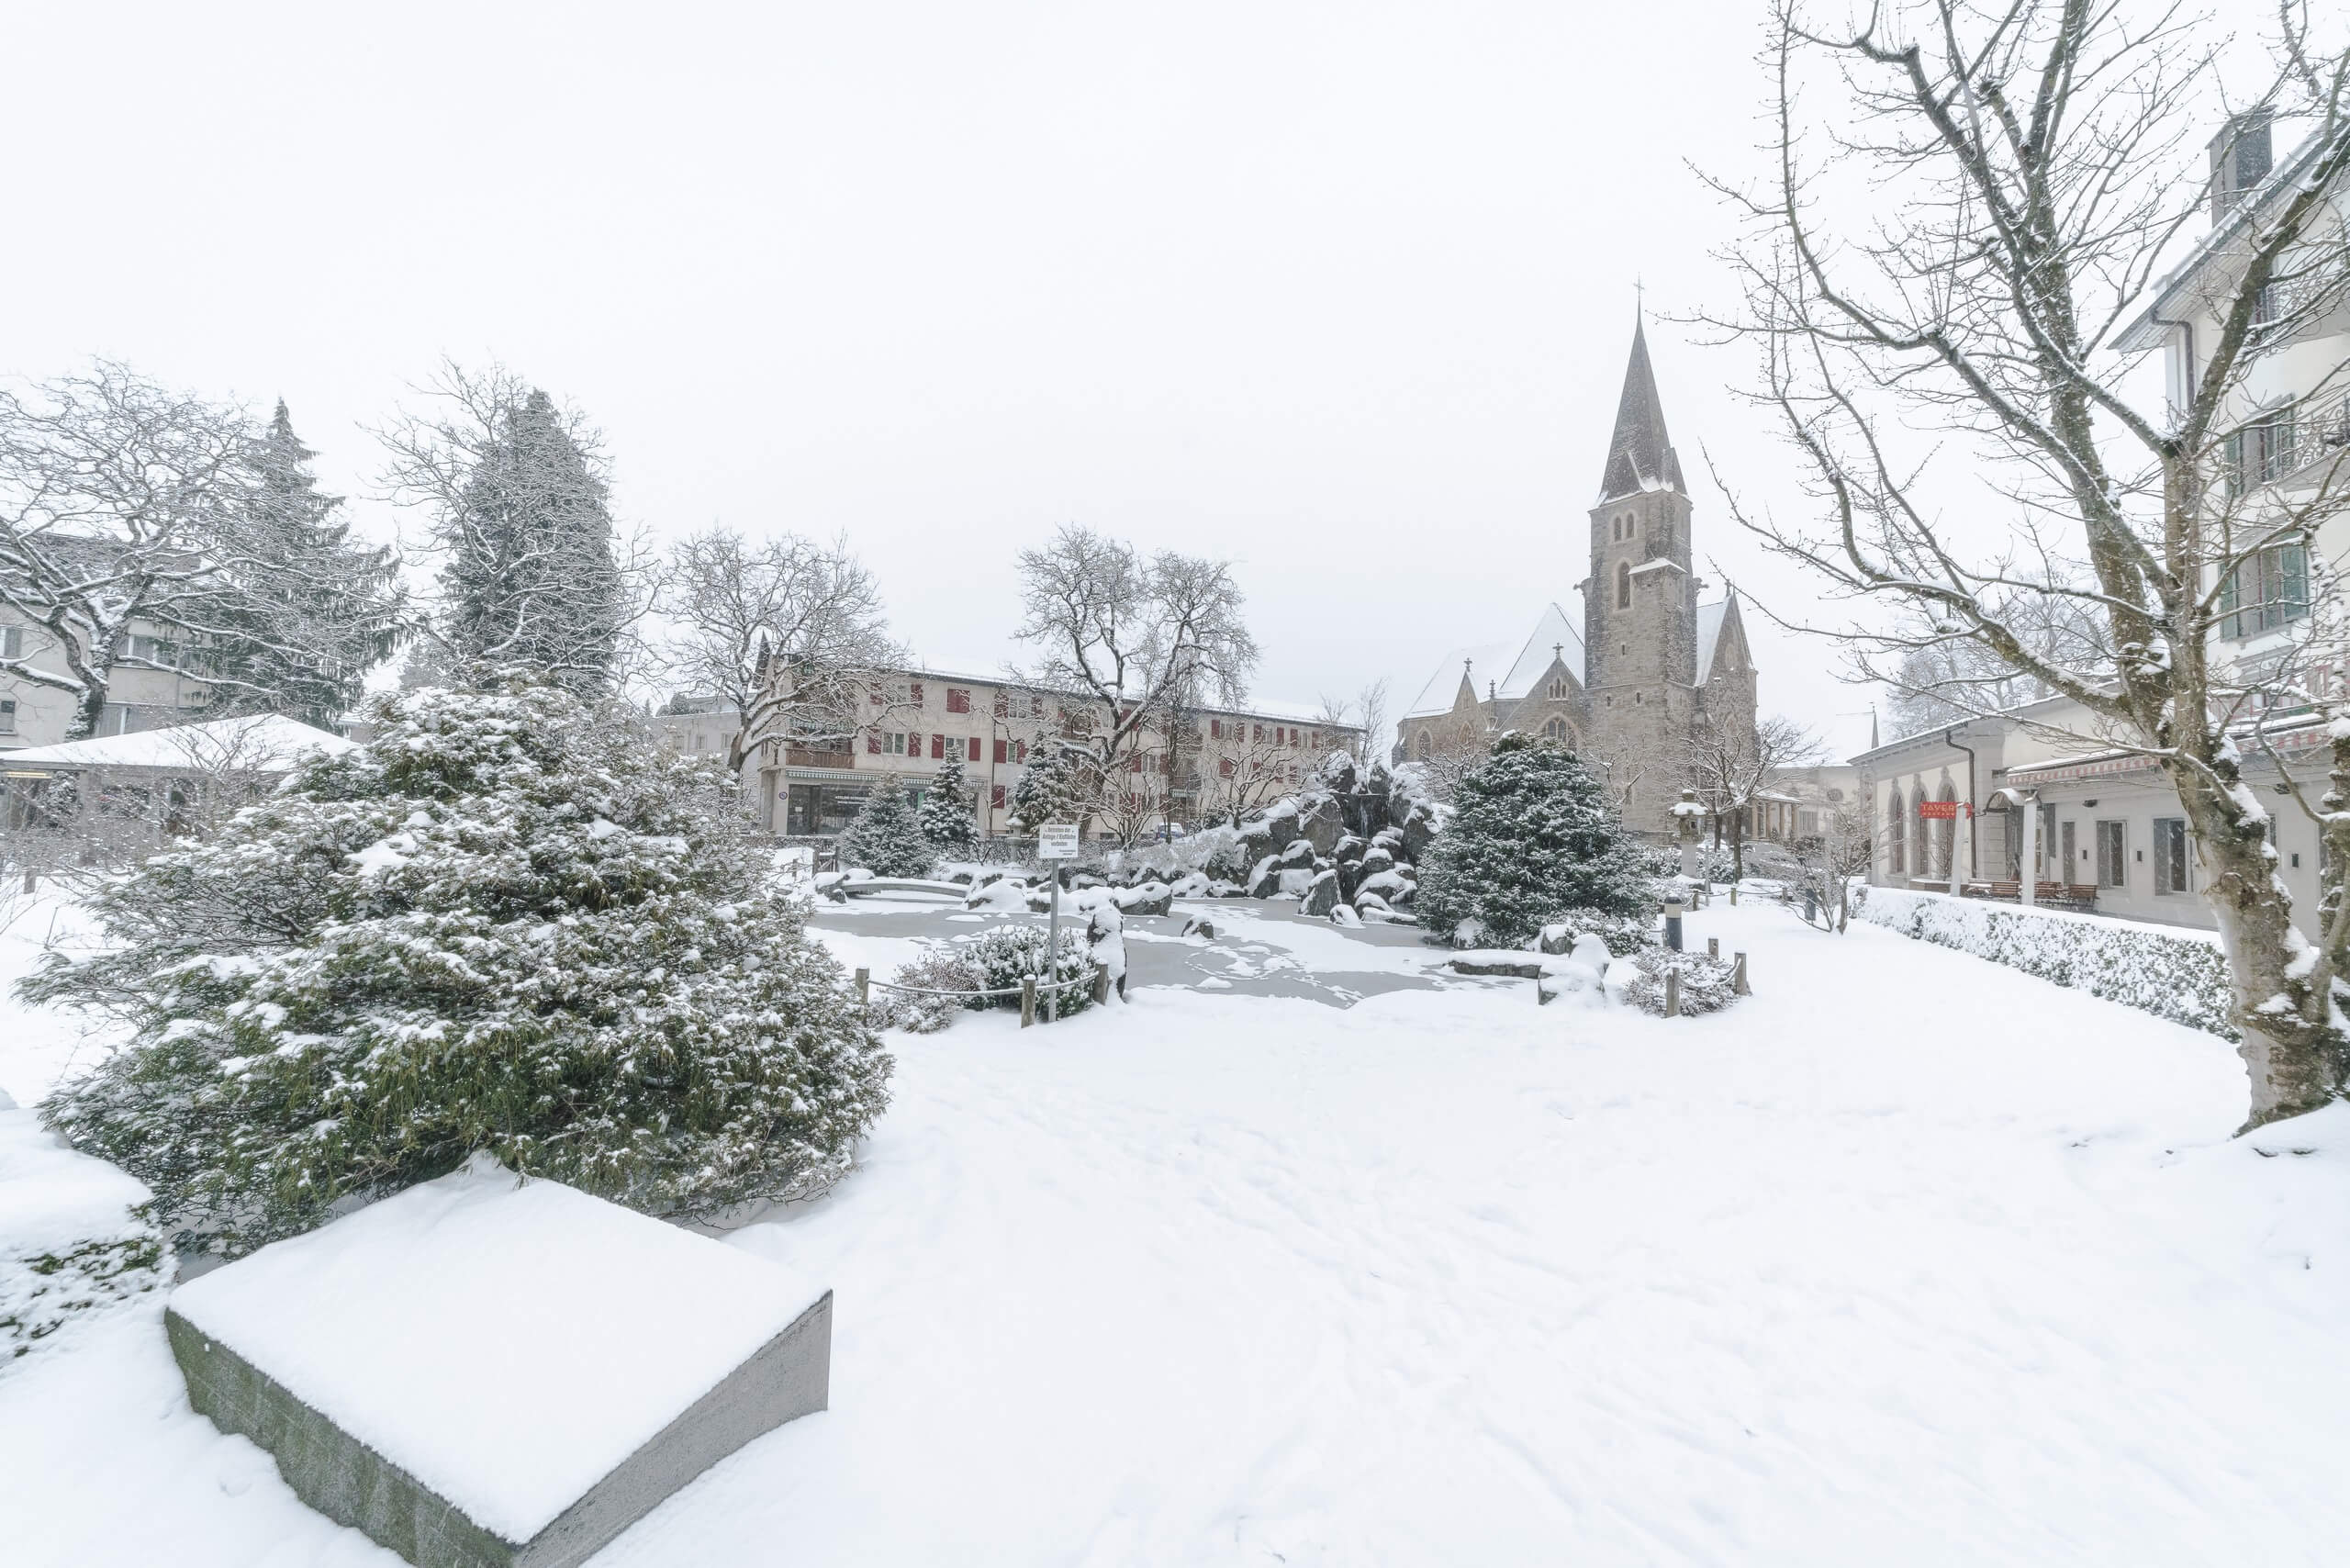 interlaken-japanischer-garten-winter-schnee